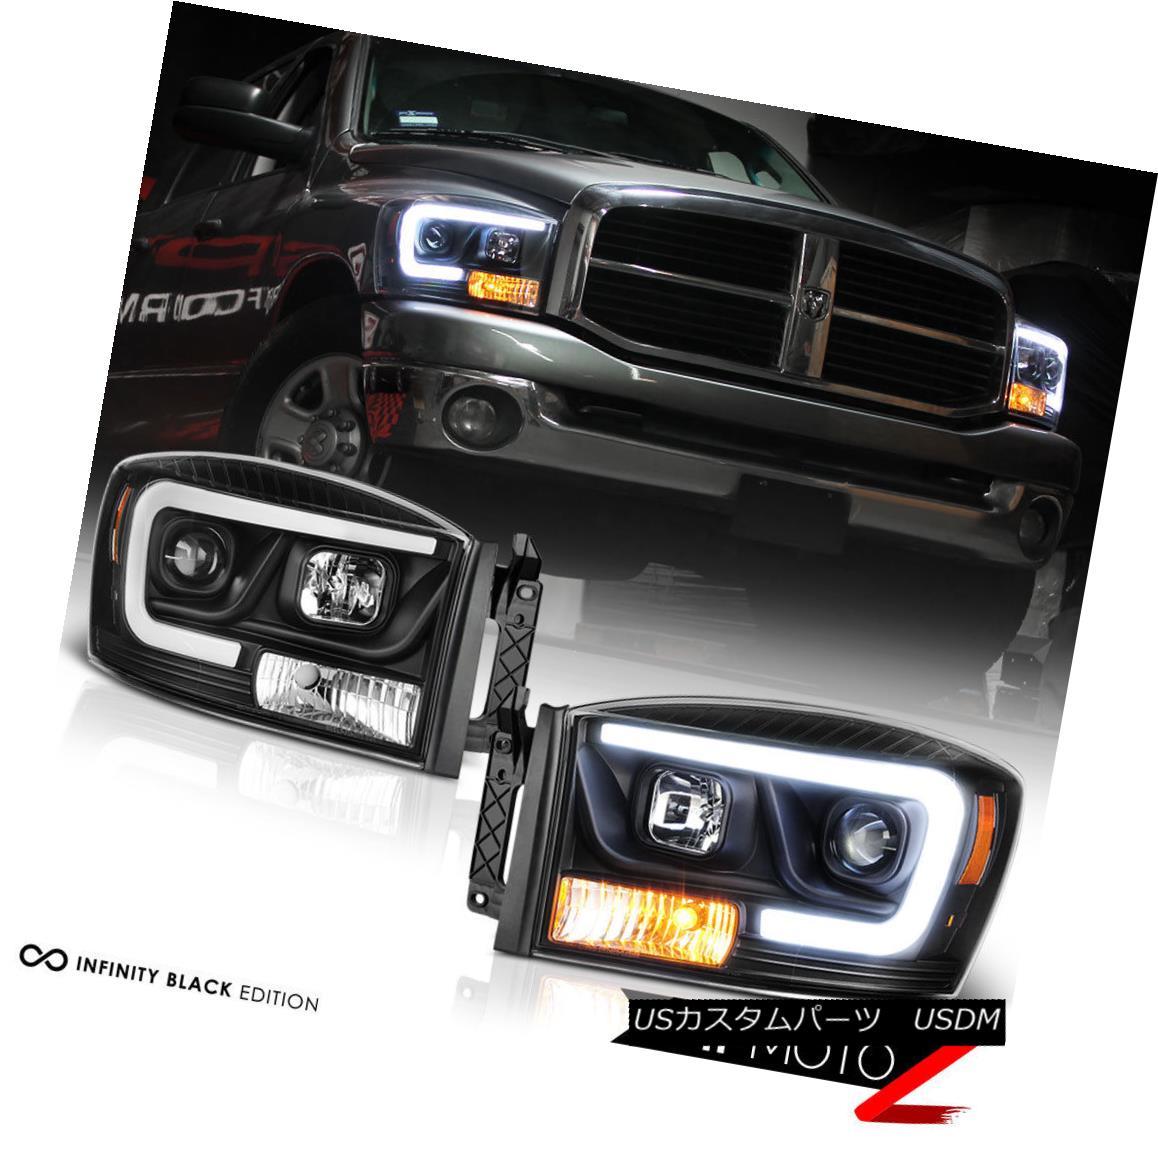 ヘッドライト 06-08 Dodge Ram 1500 Pickup Truck Black LED DRL Tube Projector Headlight Lamp 06-08ダッジラム1500ピックアップトラックブラックLED DRLチューブプロジェクターヘッドライトランプ